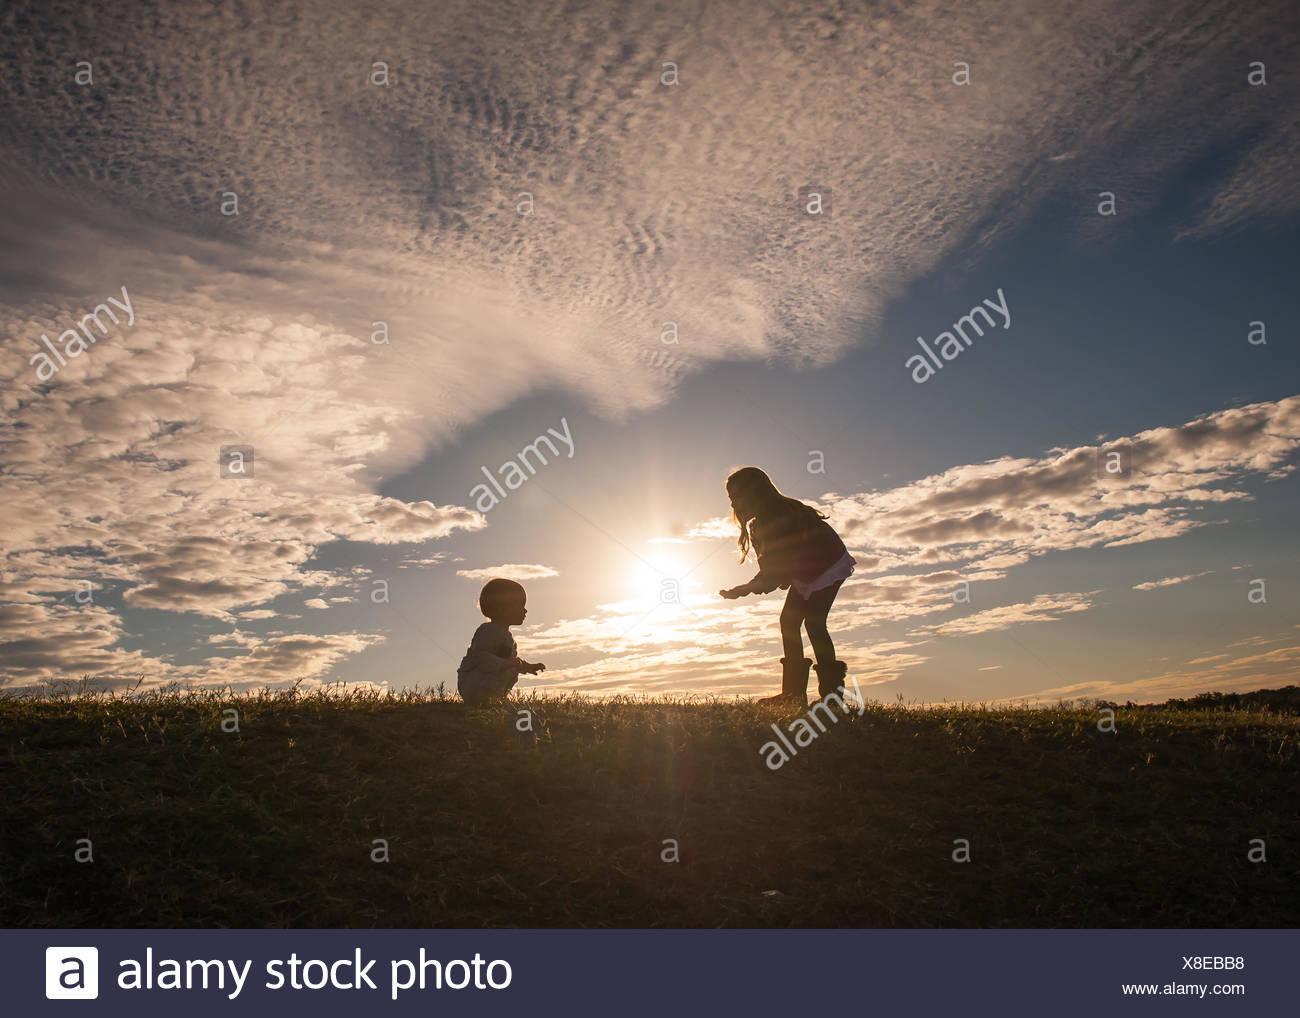 Silhouette di una ragazza con un bambino ad imparare a camminare Immagini Stock